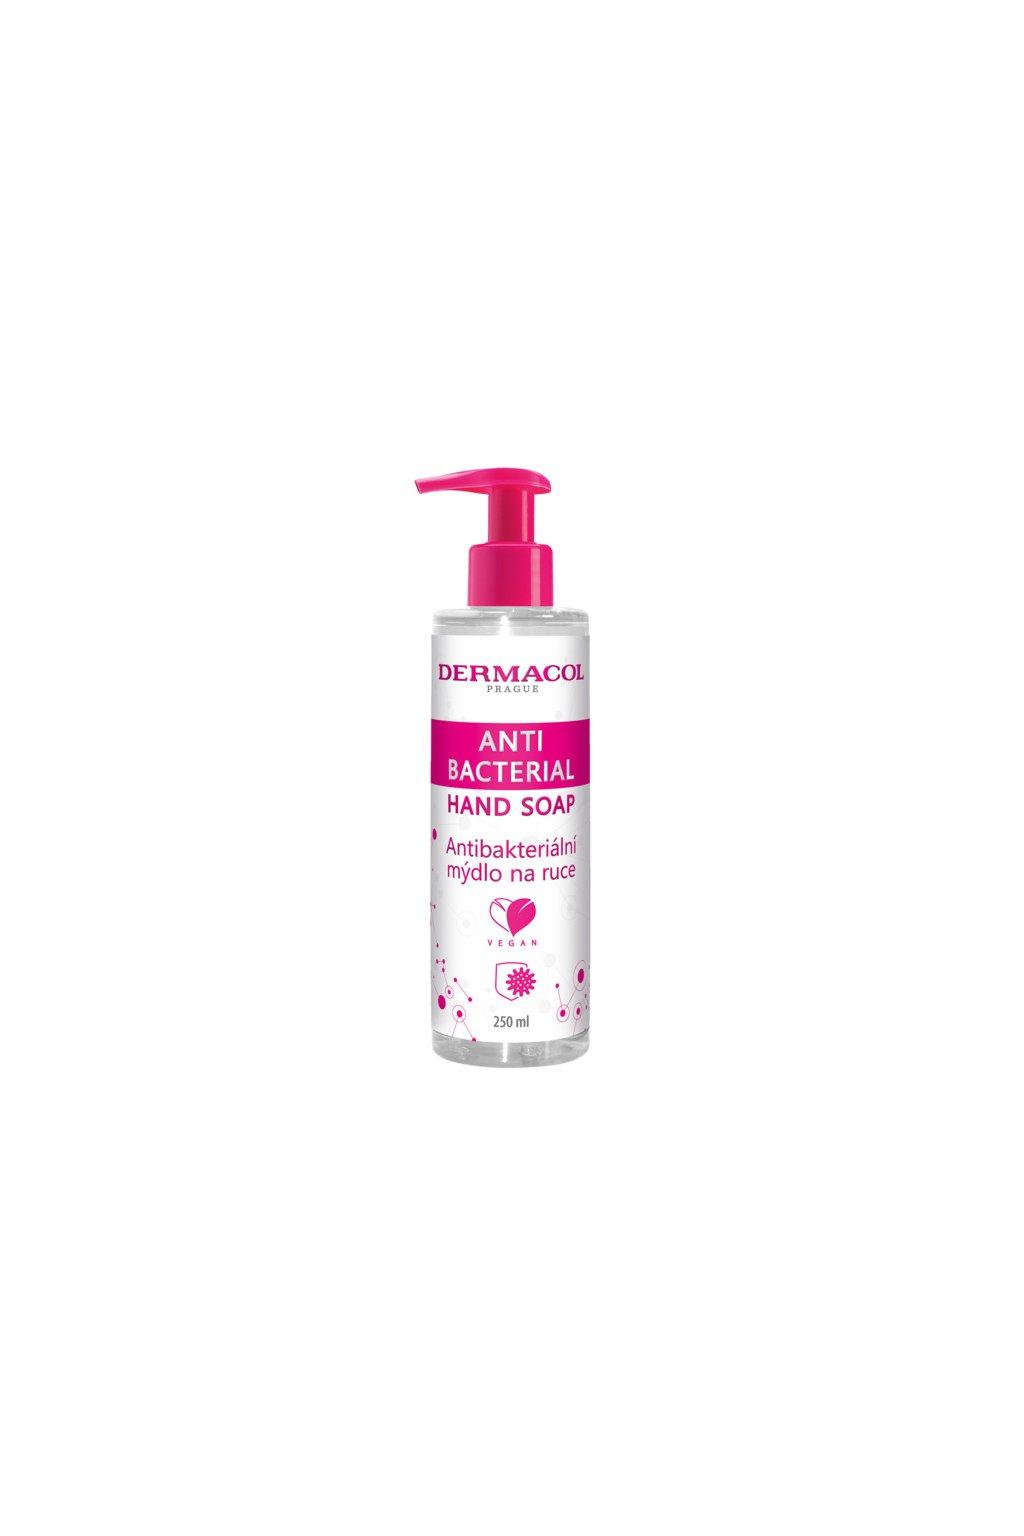 dermacol Antibakterialni mydlo 250 ml